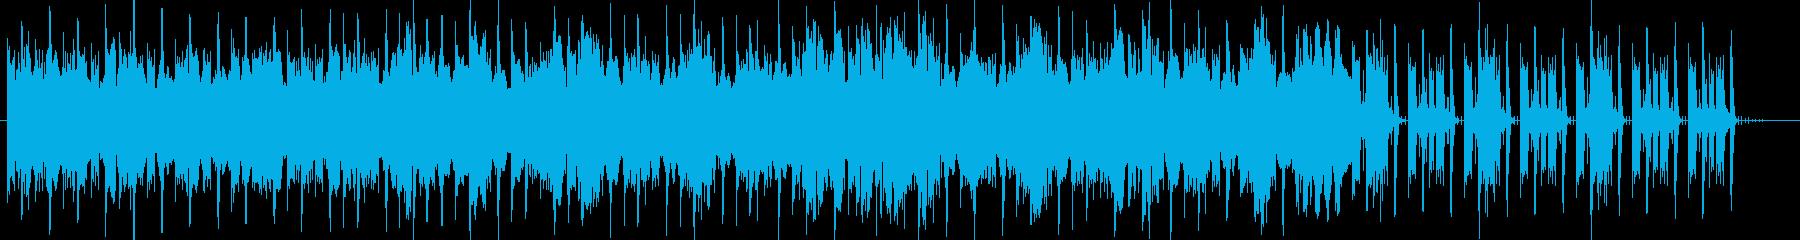 電気研究所催眠-ロボット-スペーシ...の再生済みの波形